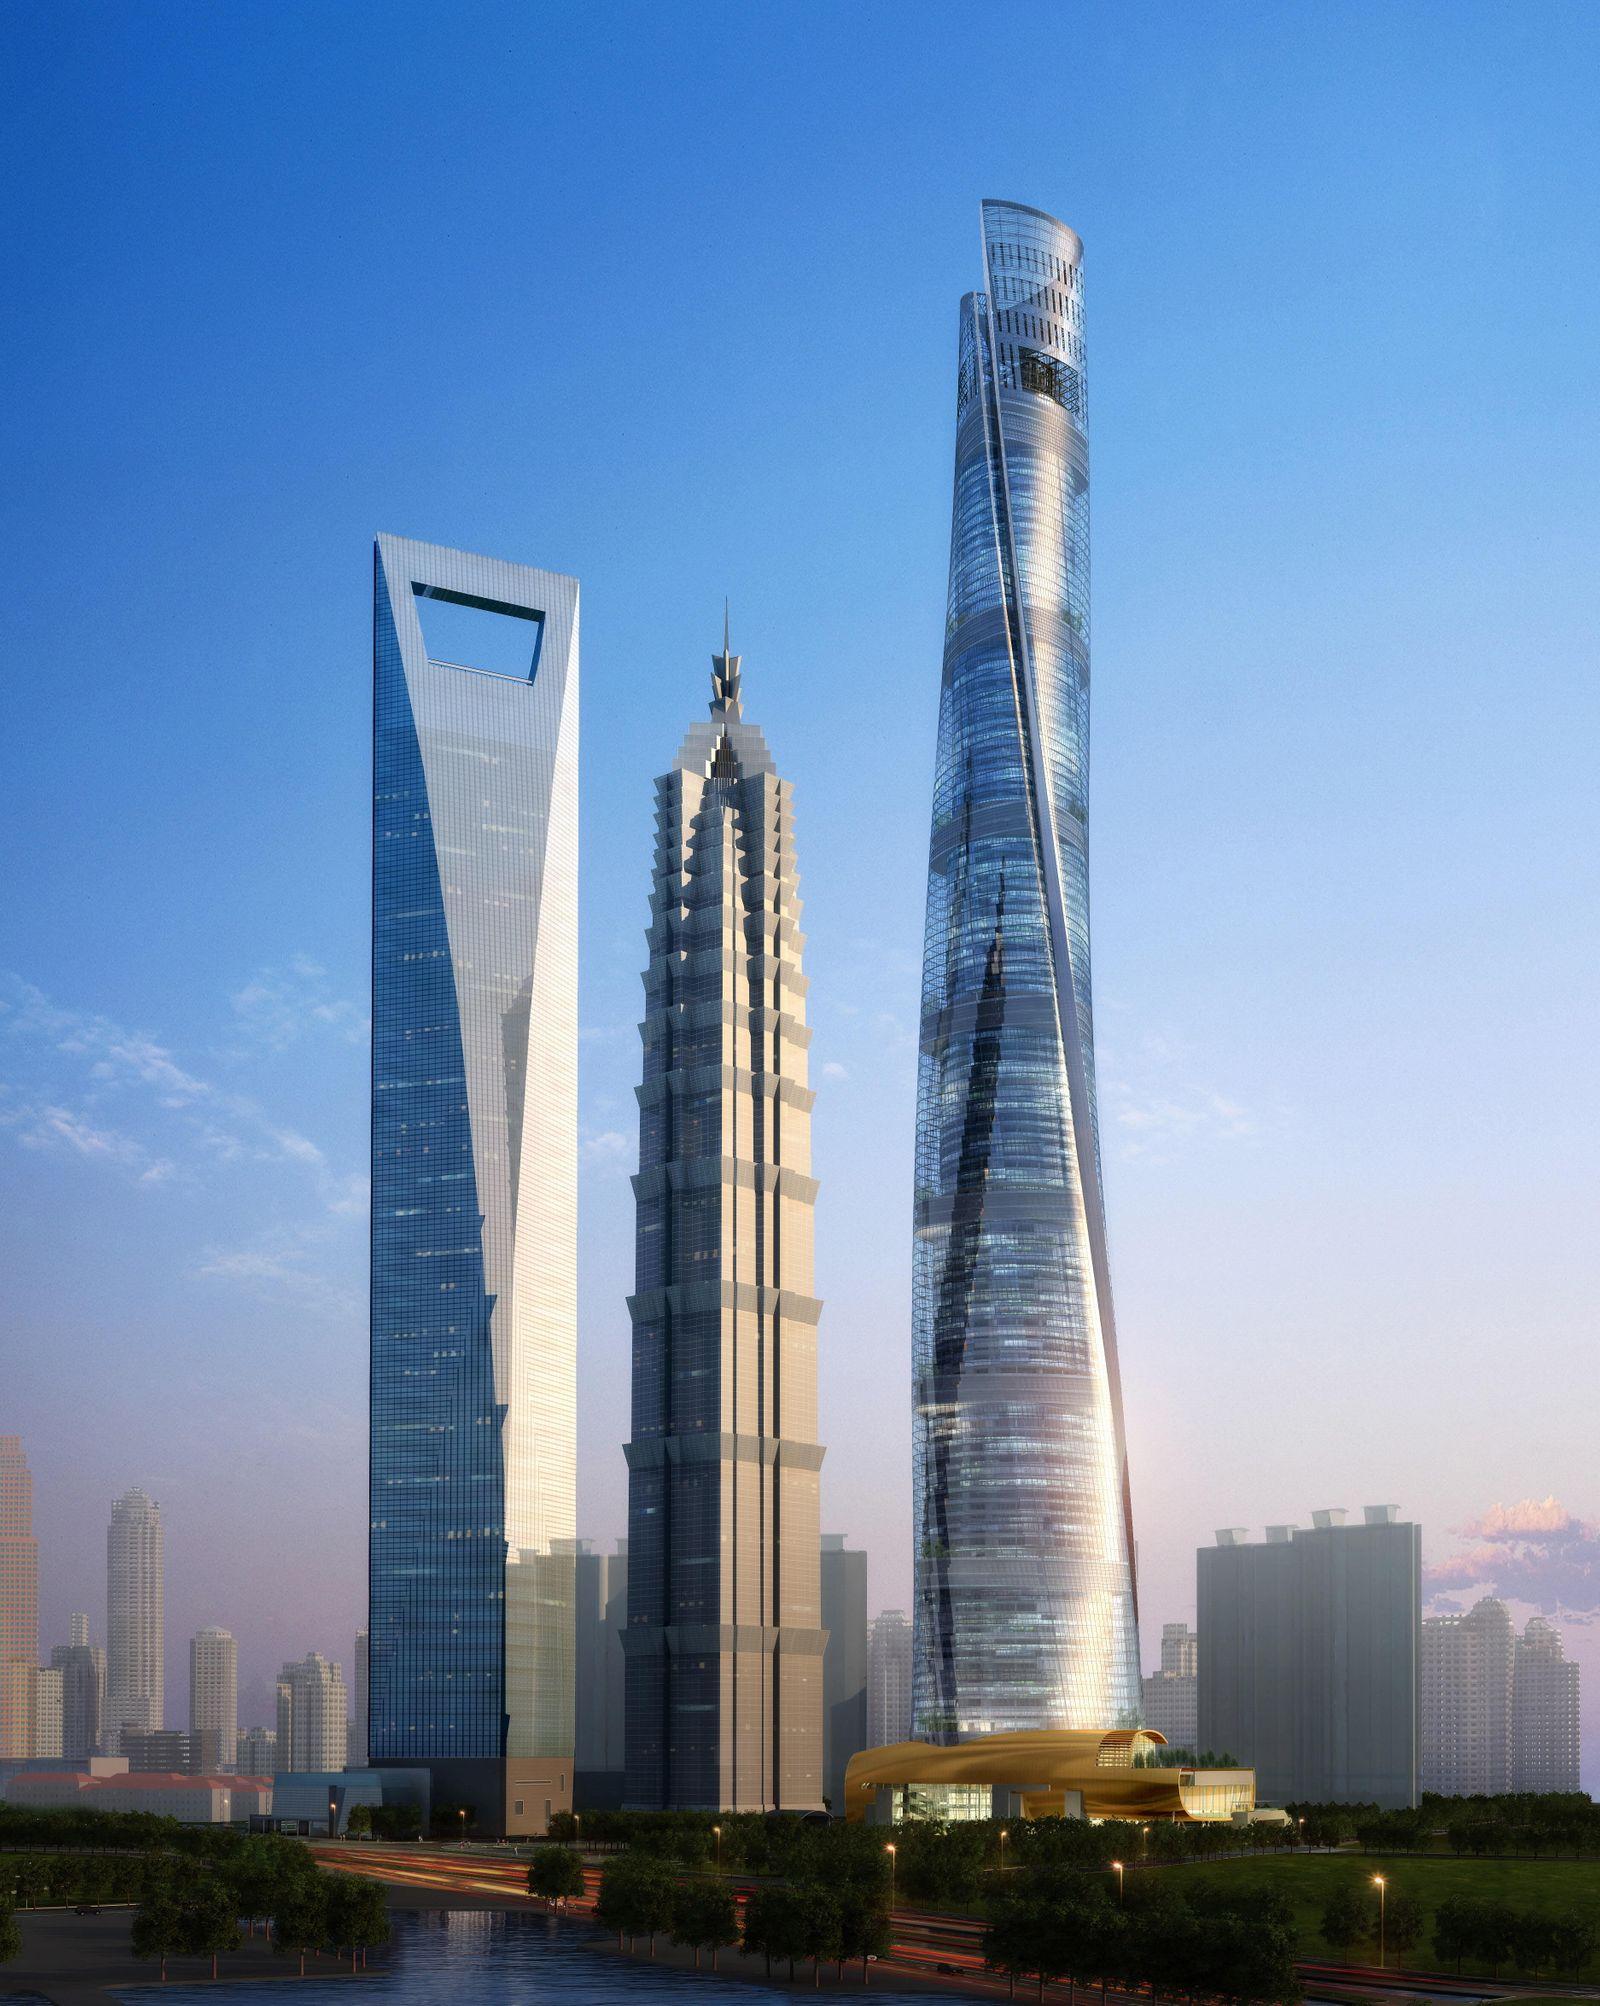 Skyscraper / Hochhäuser / Wolkenkratzer / Shanghai Tower